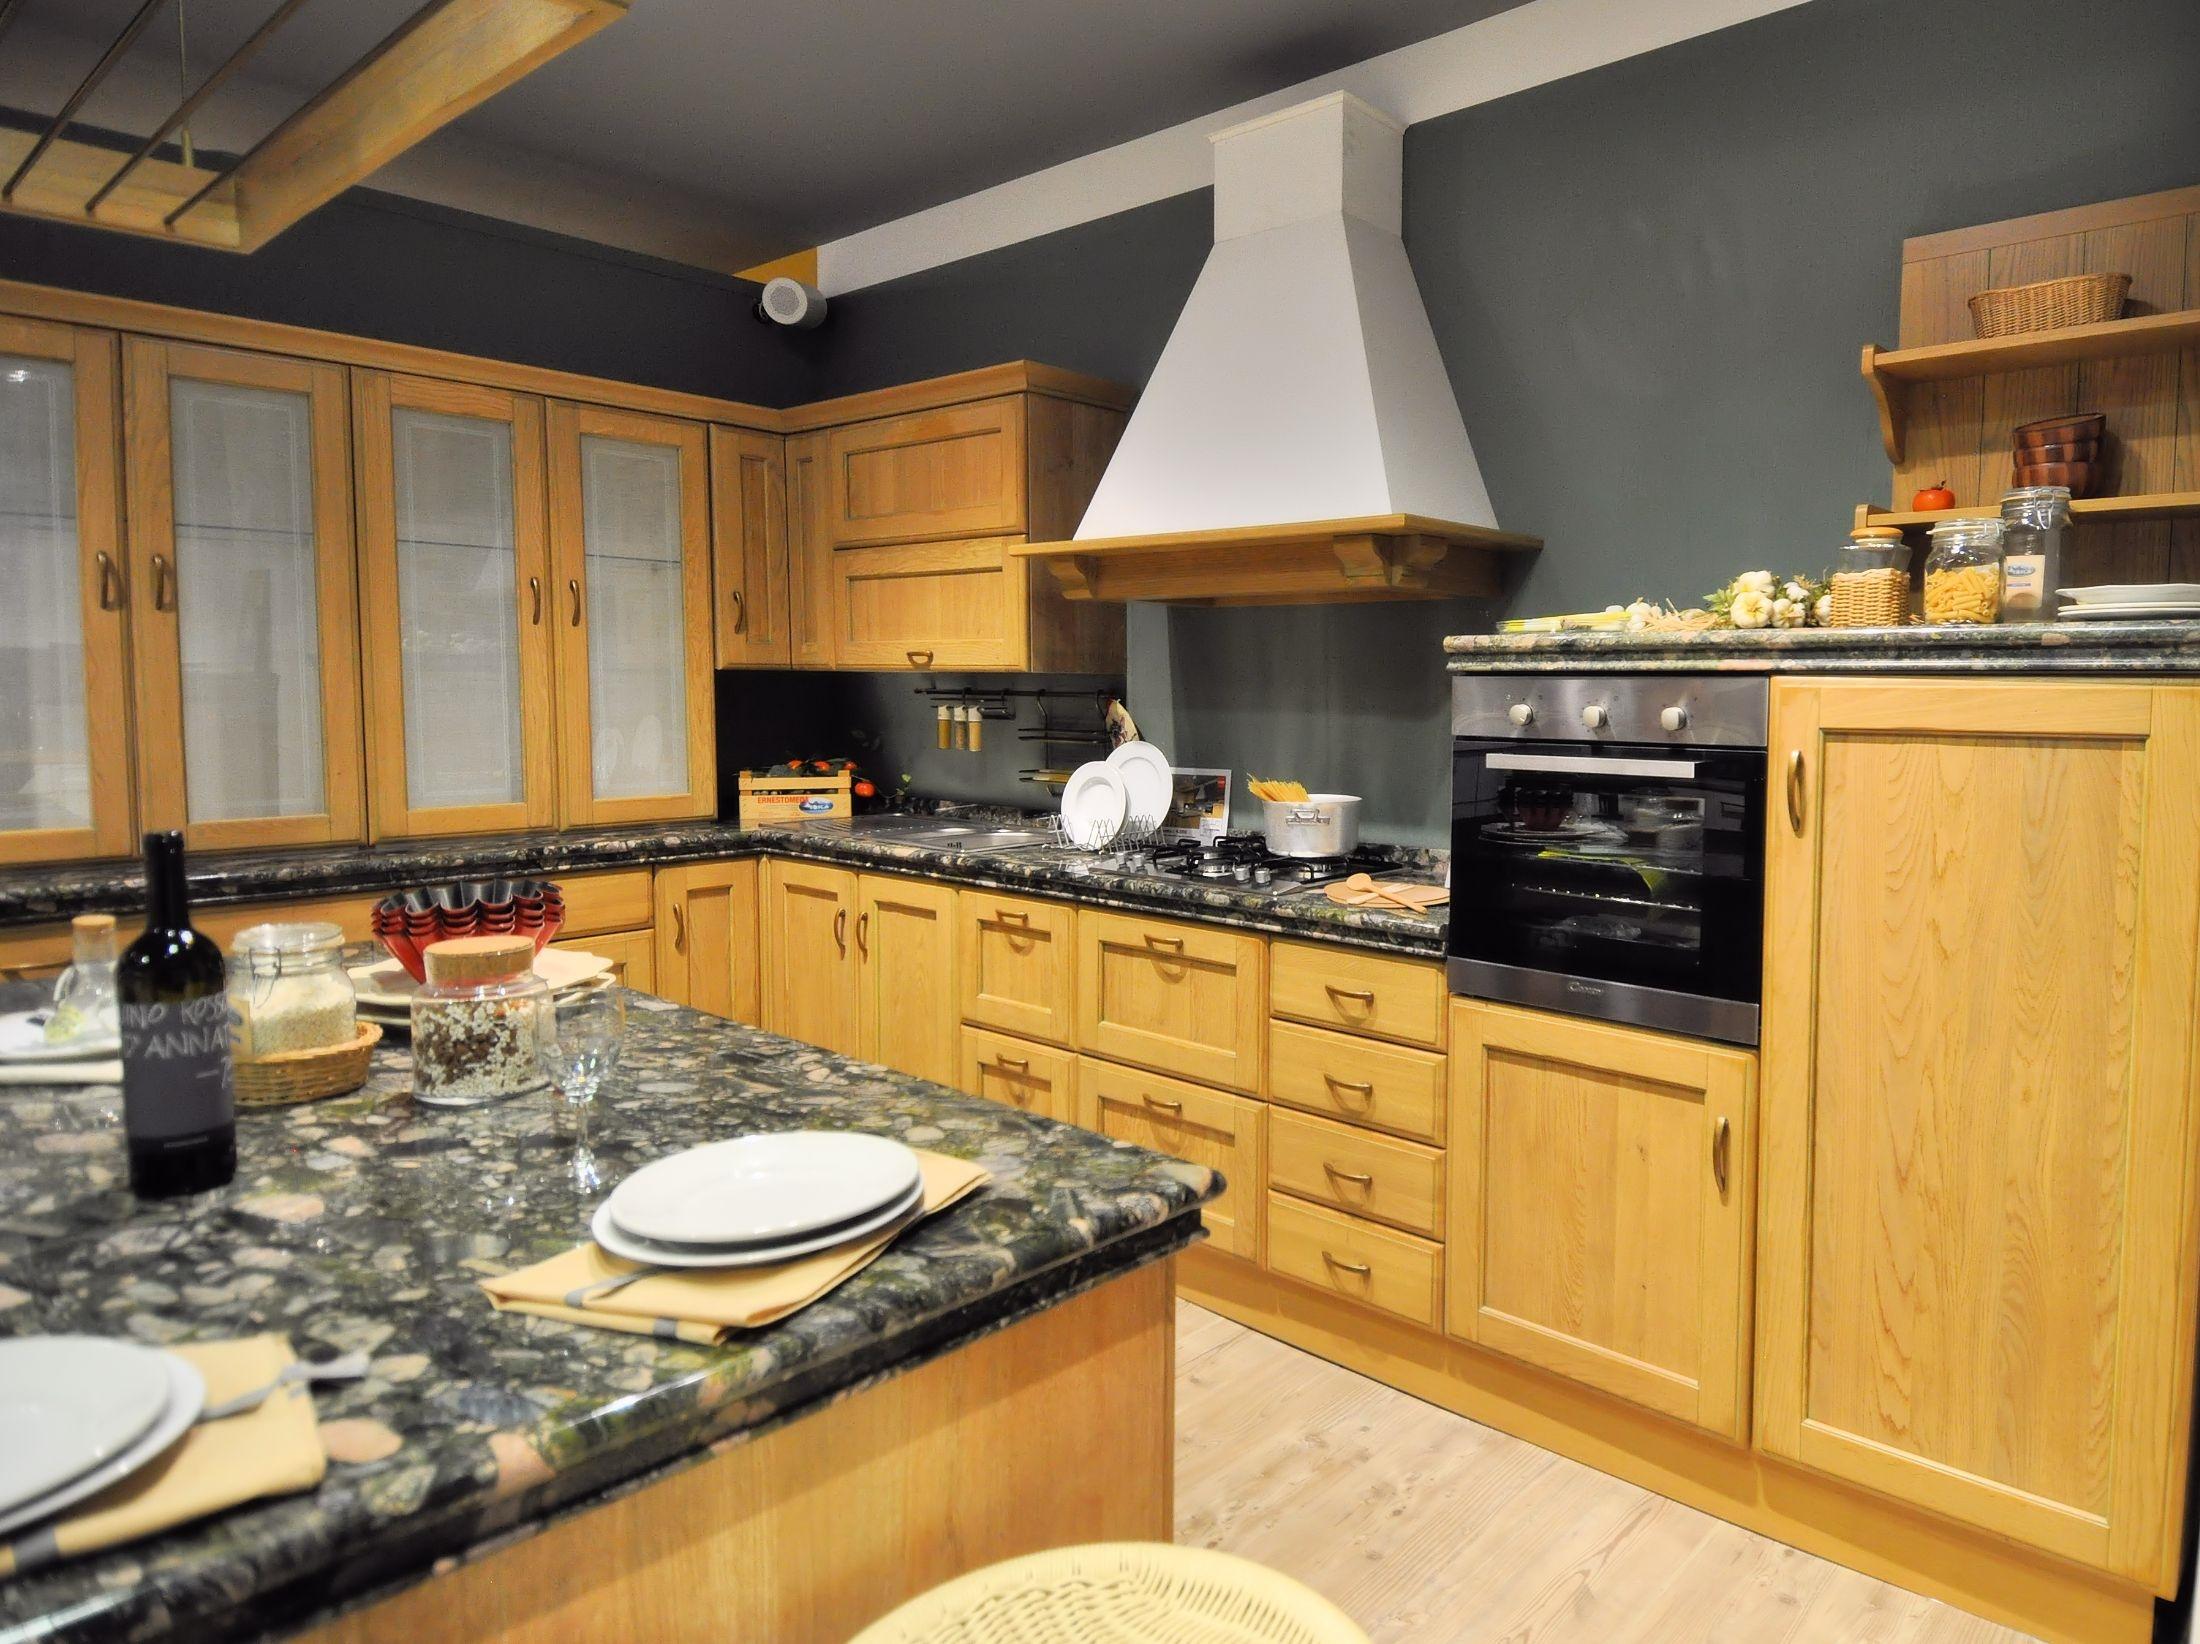 Preventivo Cucina Scavolini. Beautiful Cucine Scavolini Classiche ...